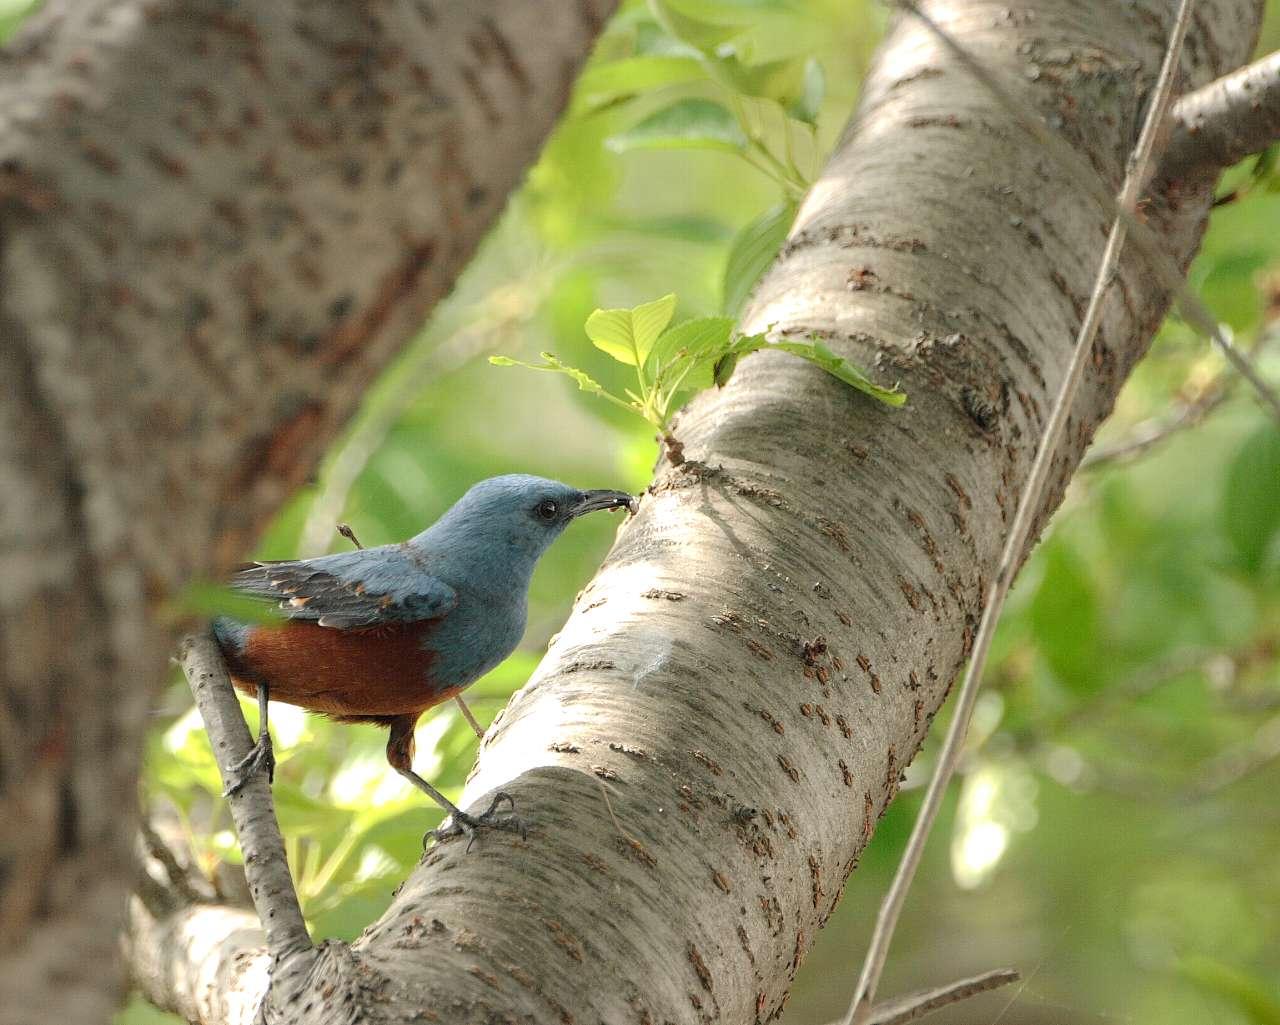 厚木市の別の青い鳥(壁紙あり)_f0105570_18353511.jpg